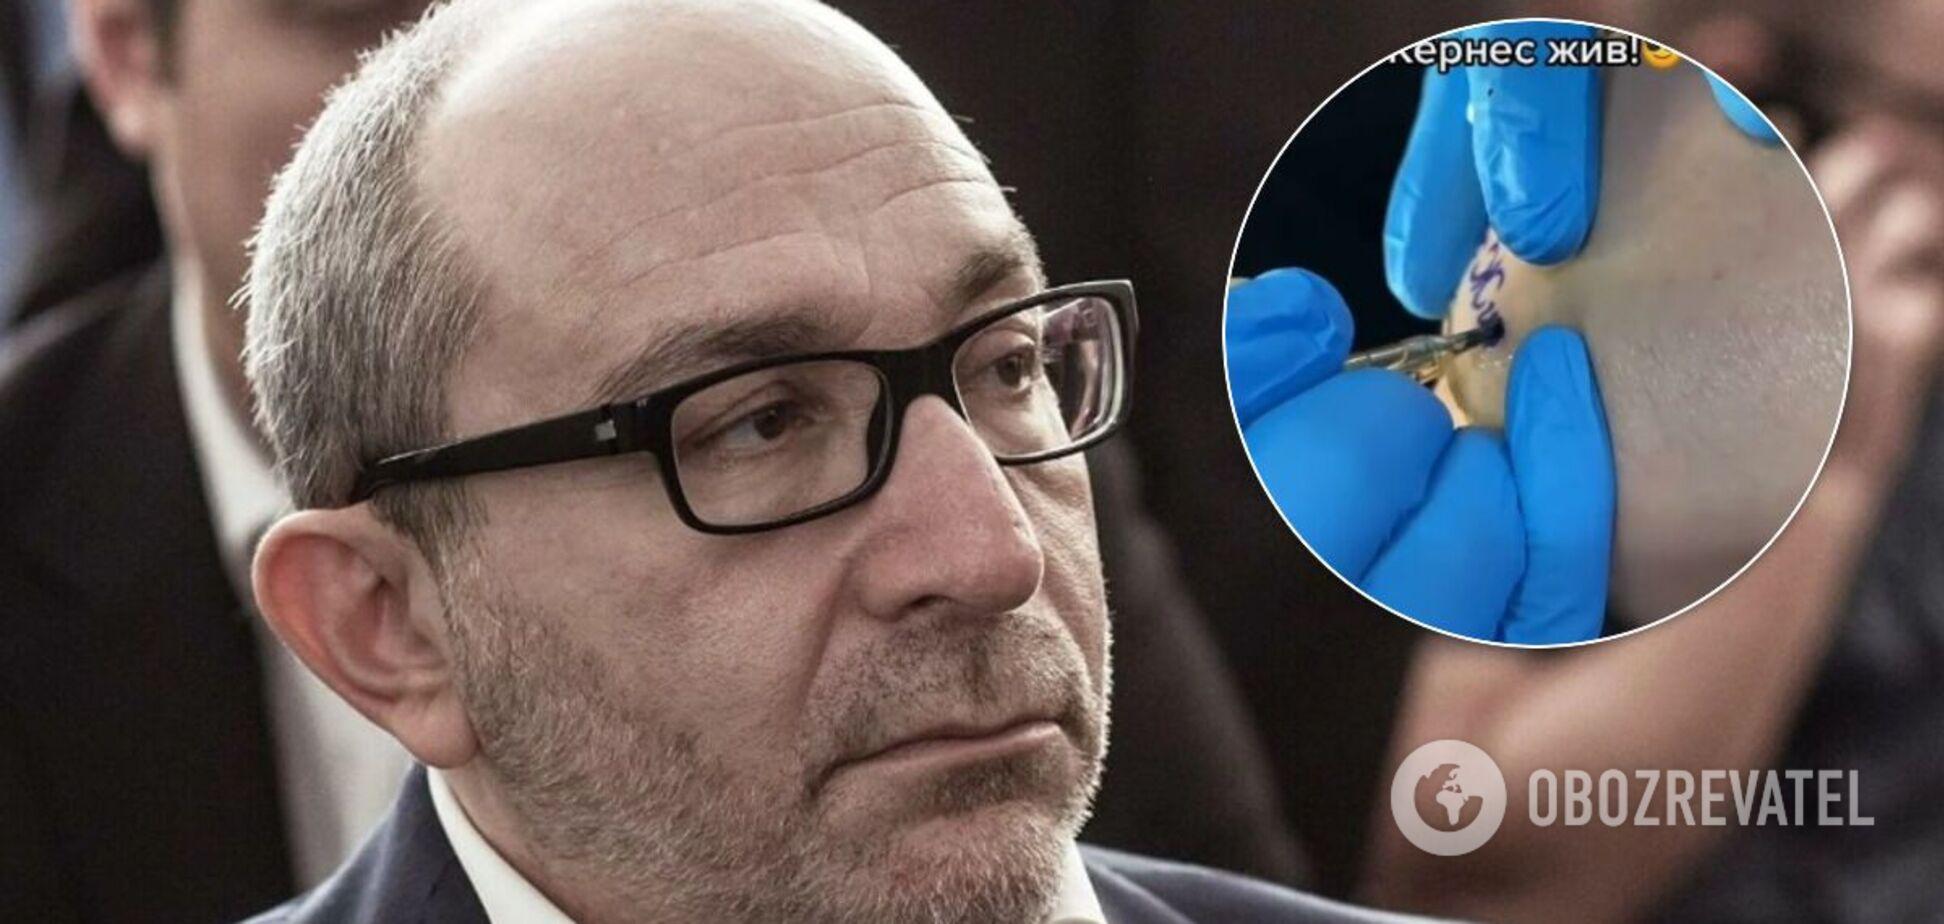 Харьковчанин посвятил Кернесу татуировку